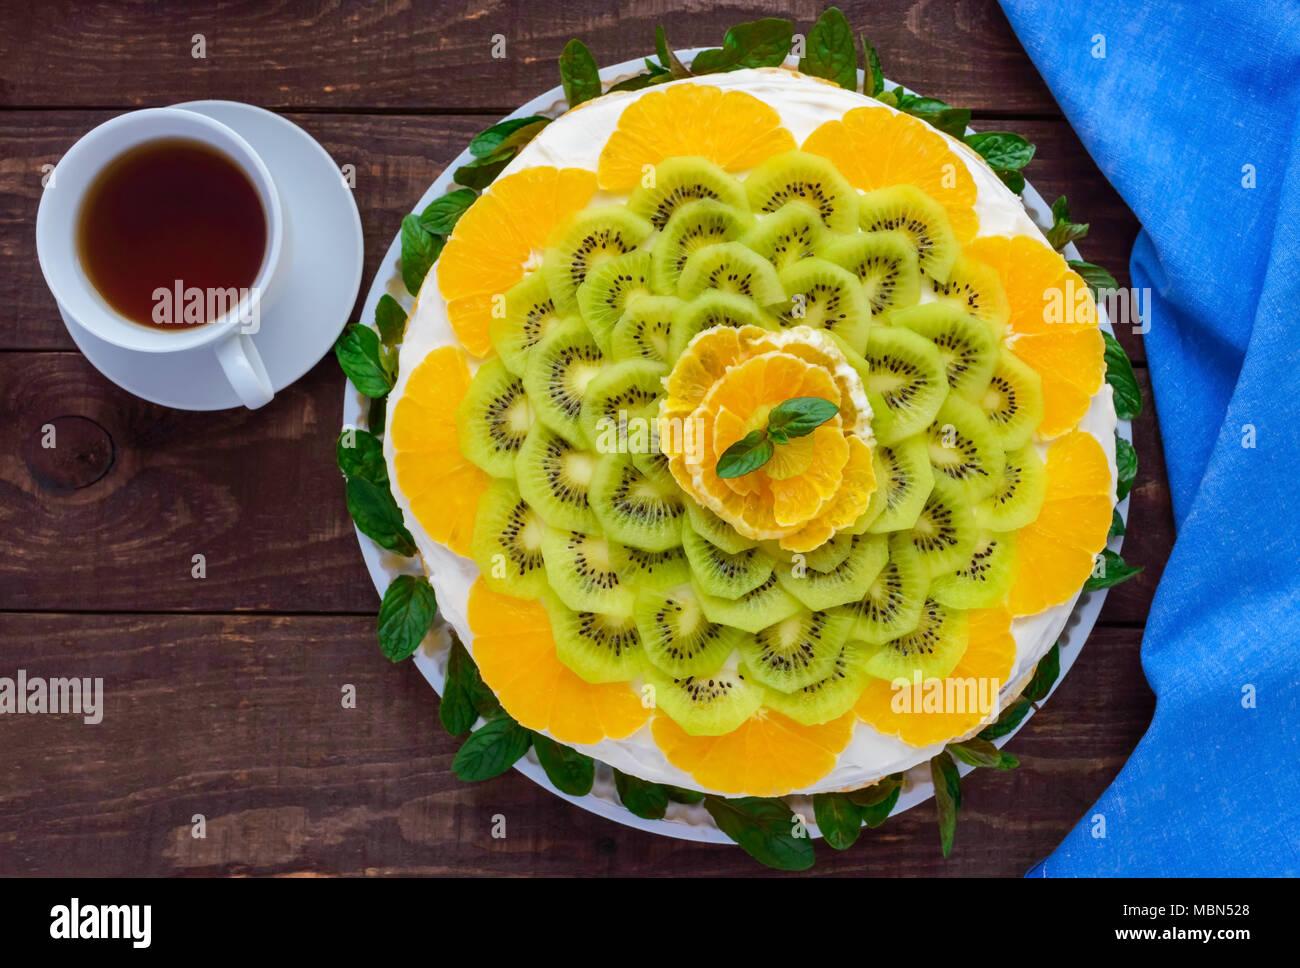 Helle runde festliche Obstkuchen mit Kiwi, Orange, Minze und einer Tasse Tee dekoriert. Stockbild